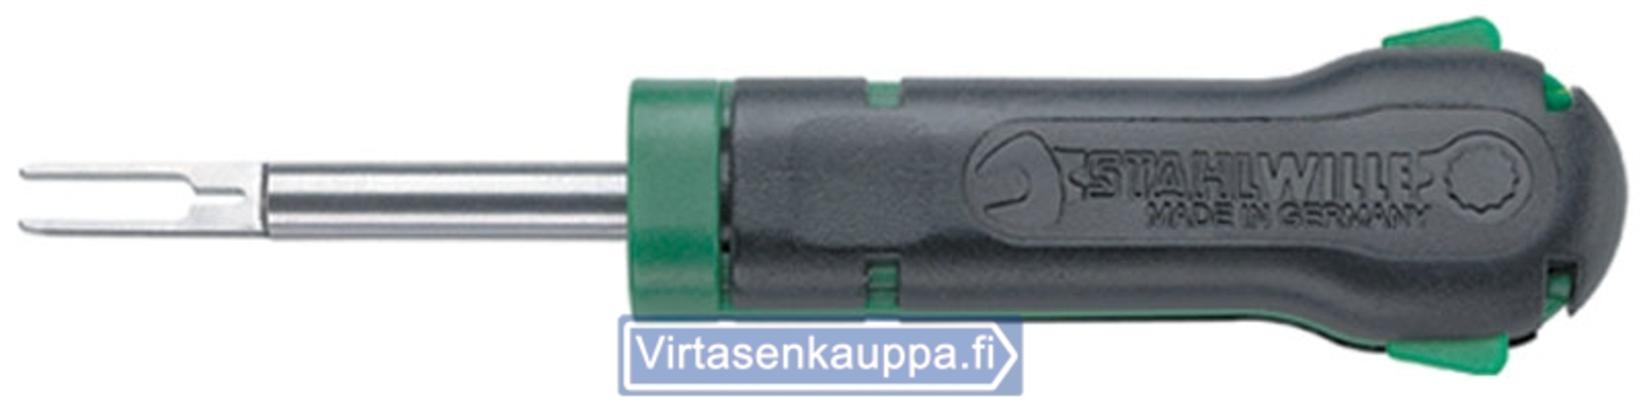 Kabelex® -irrotustyökalu 1551, Stahlwille - Kabelex® -irrotustyökalu 1551